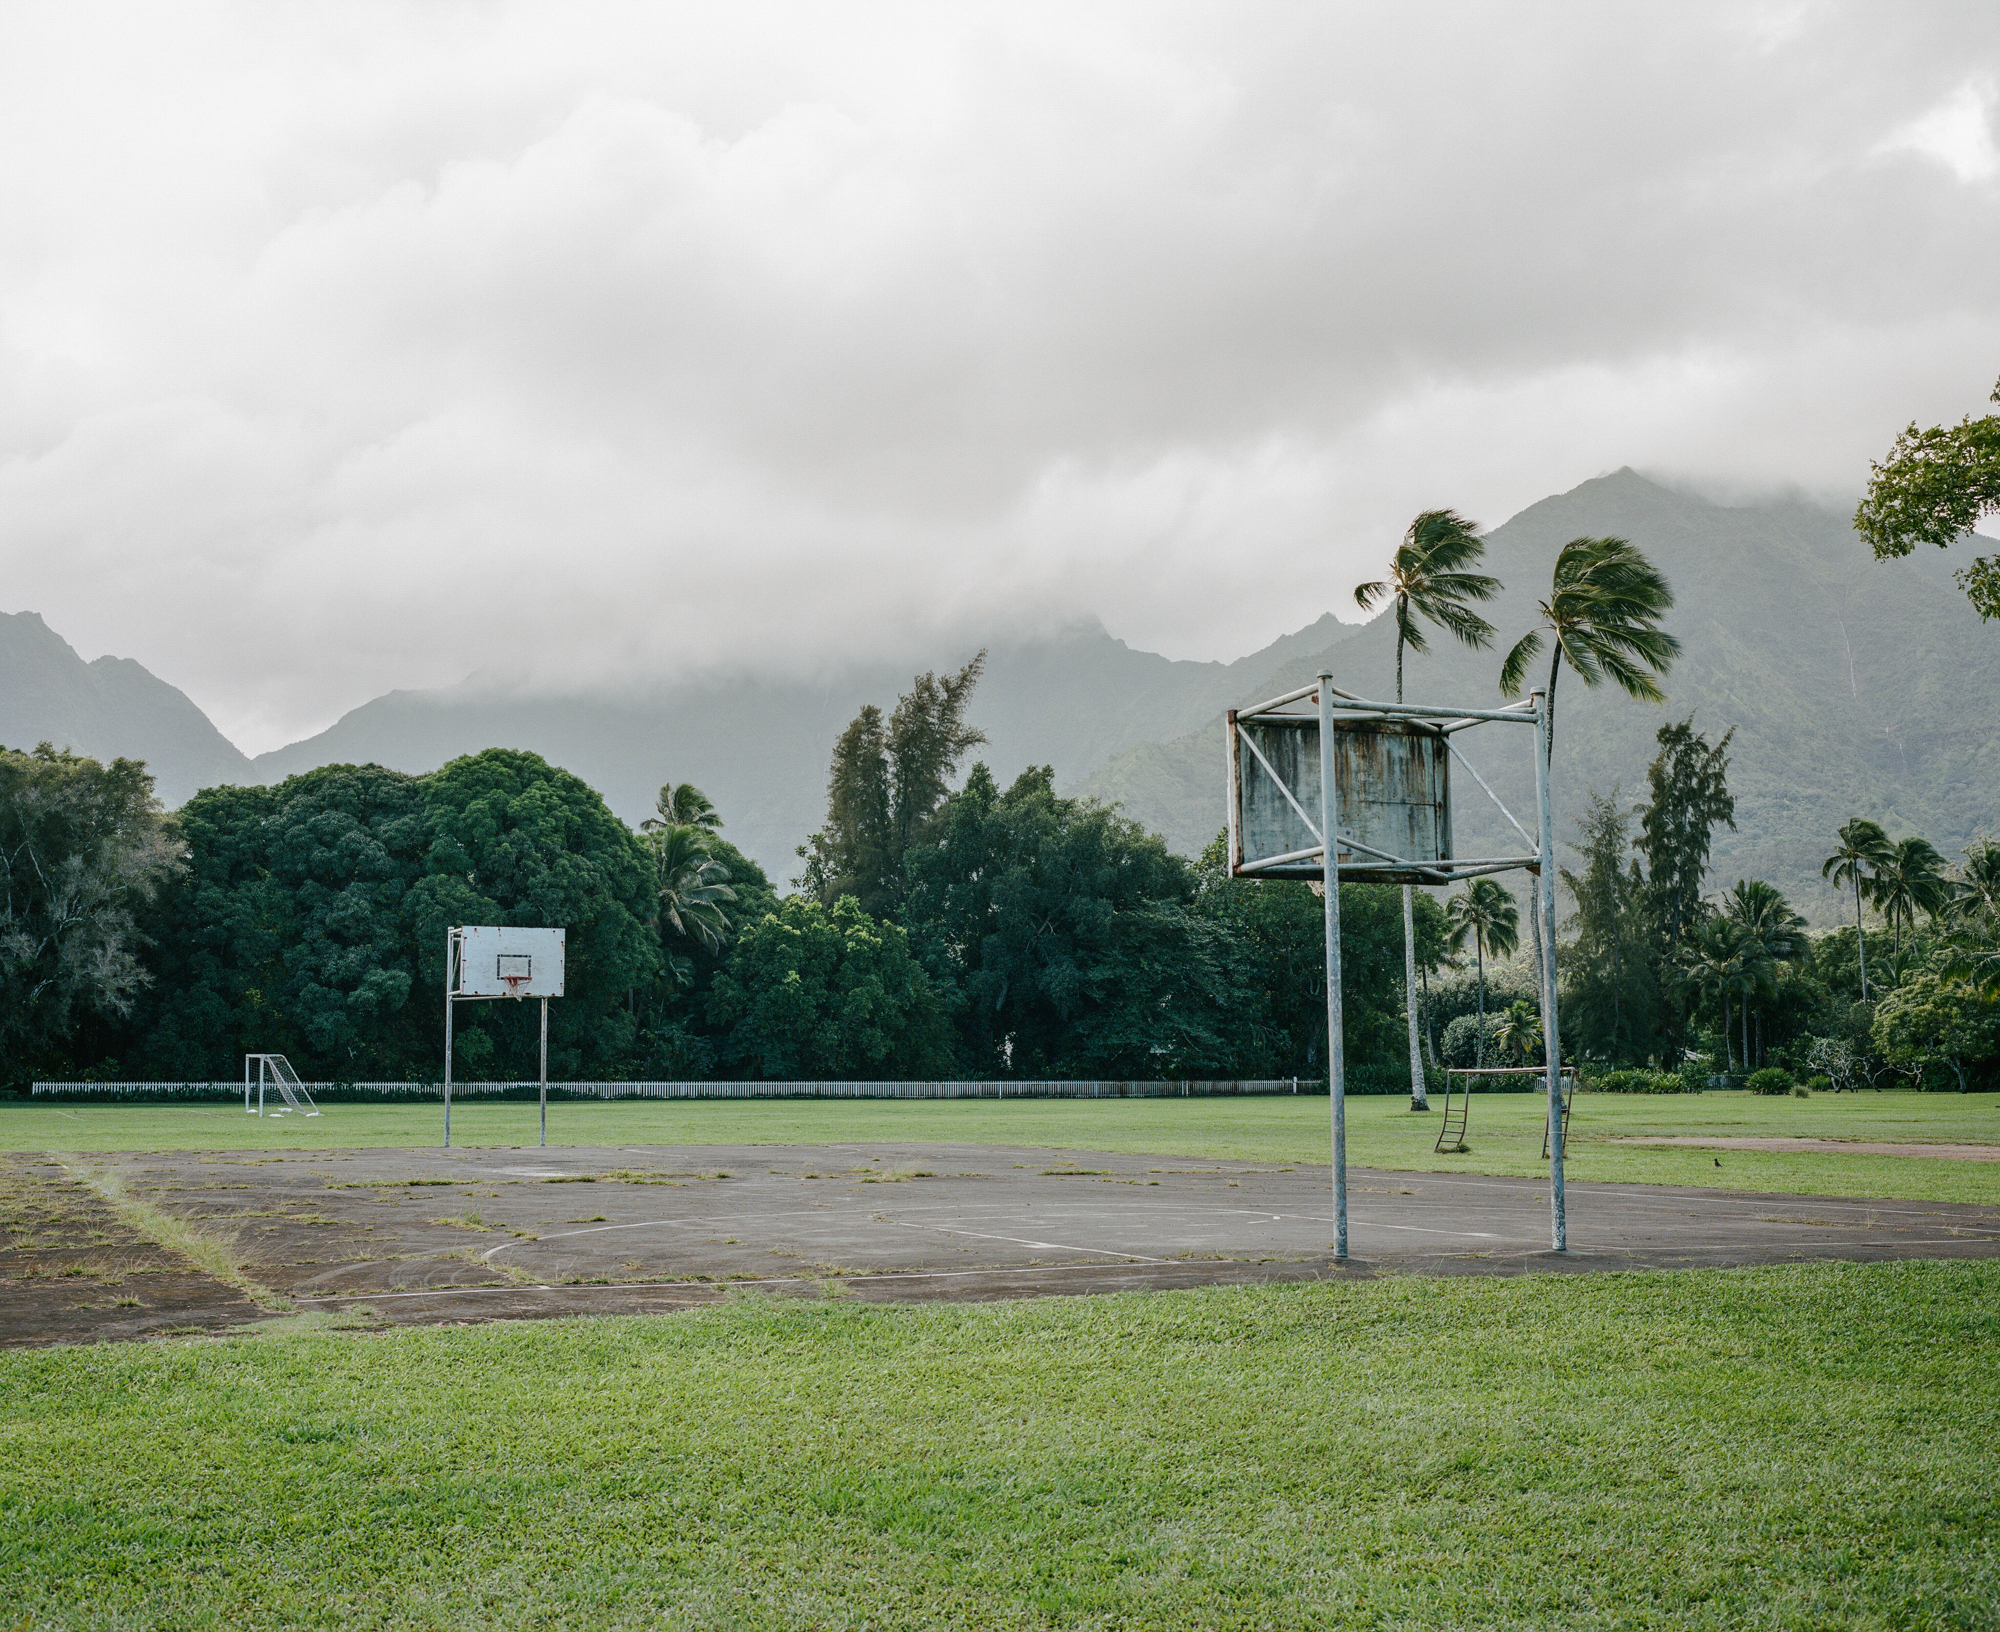 Waioli Park